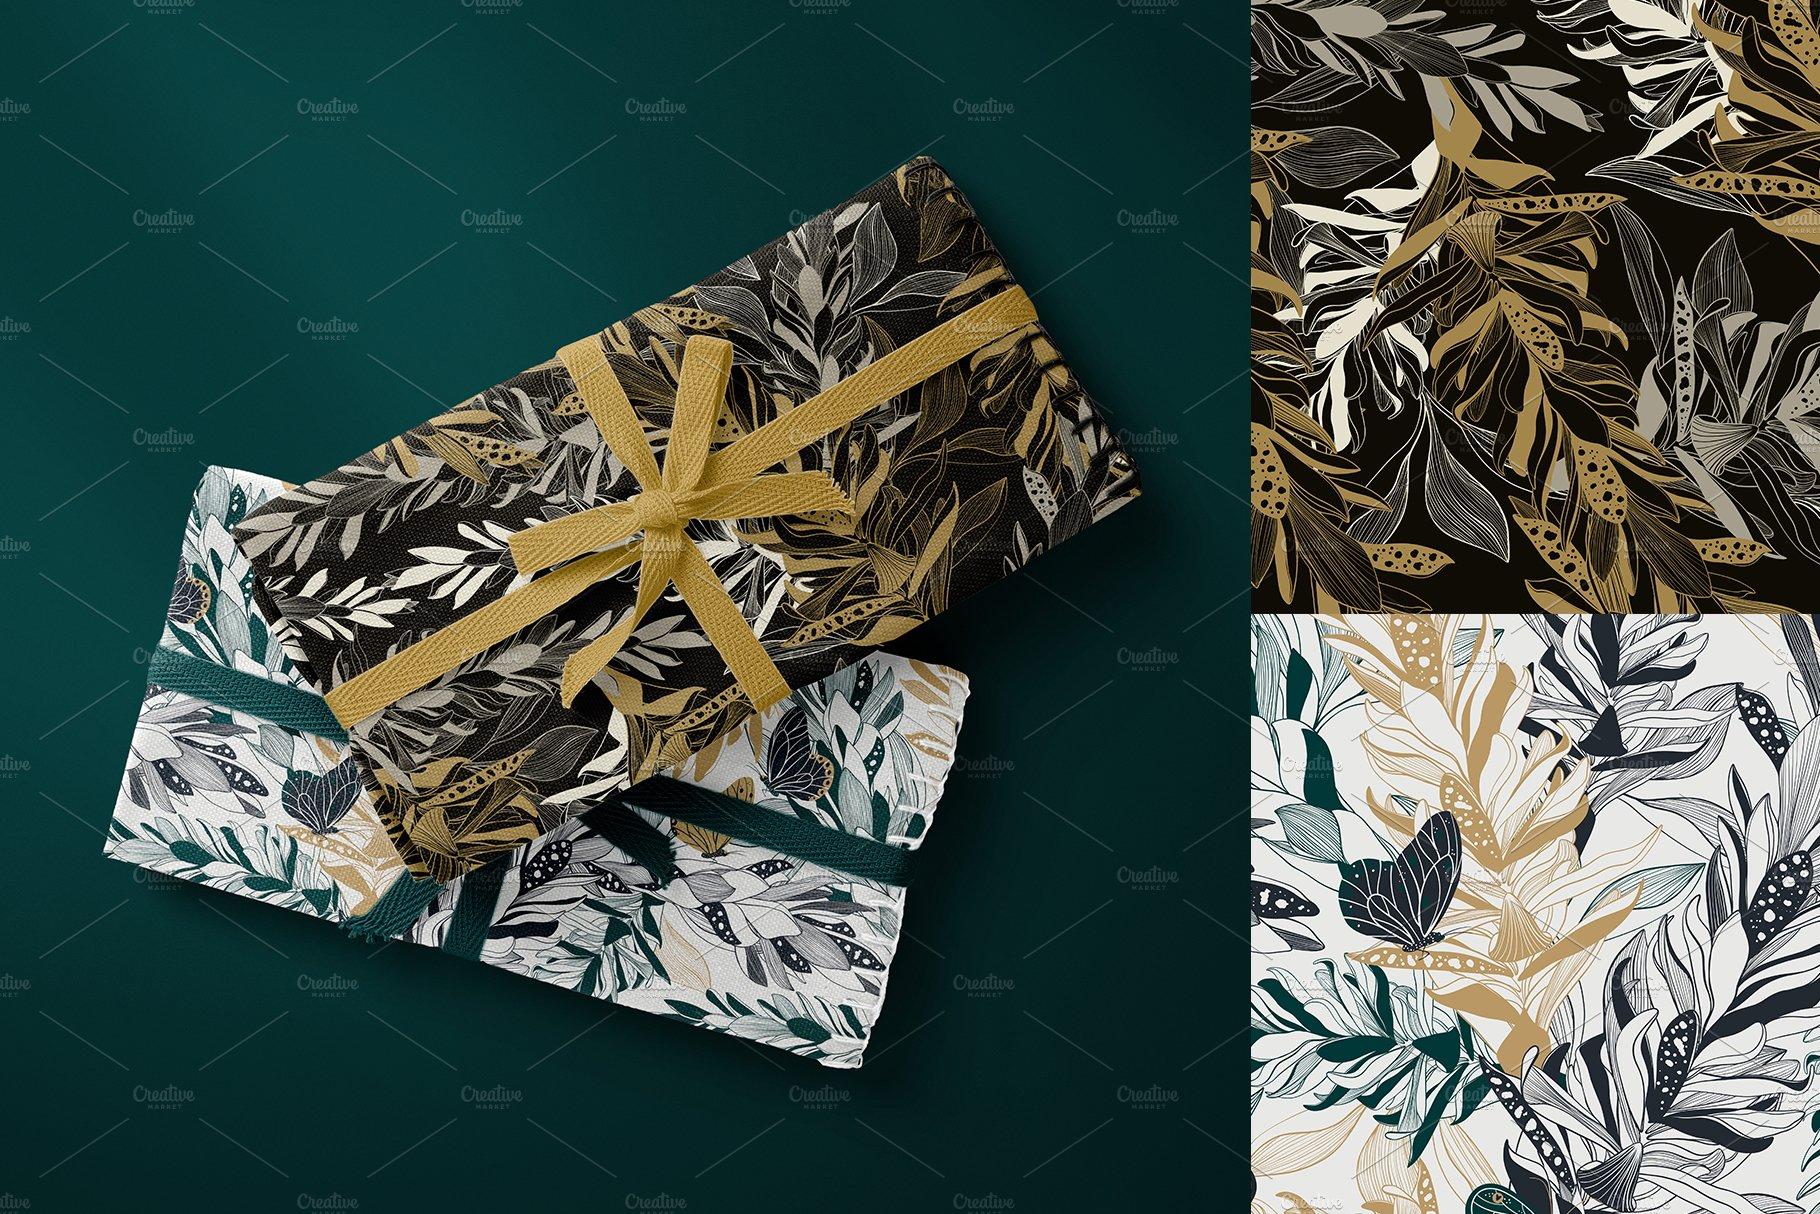 24 02 20 ginger flower creative market 0006 3 3